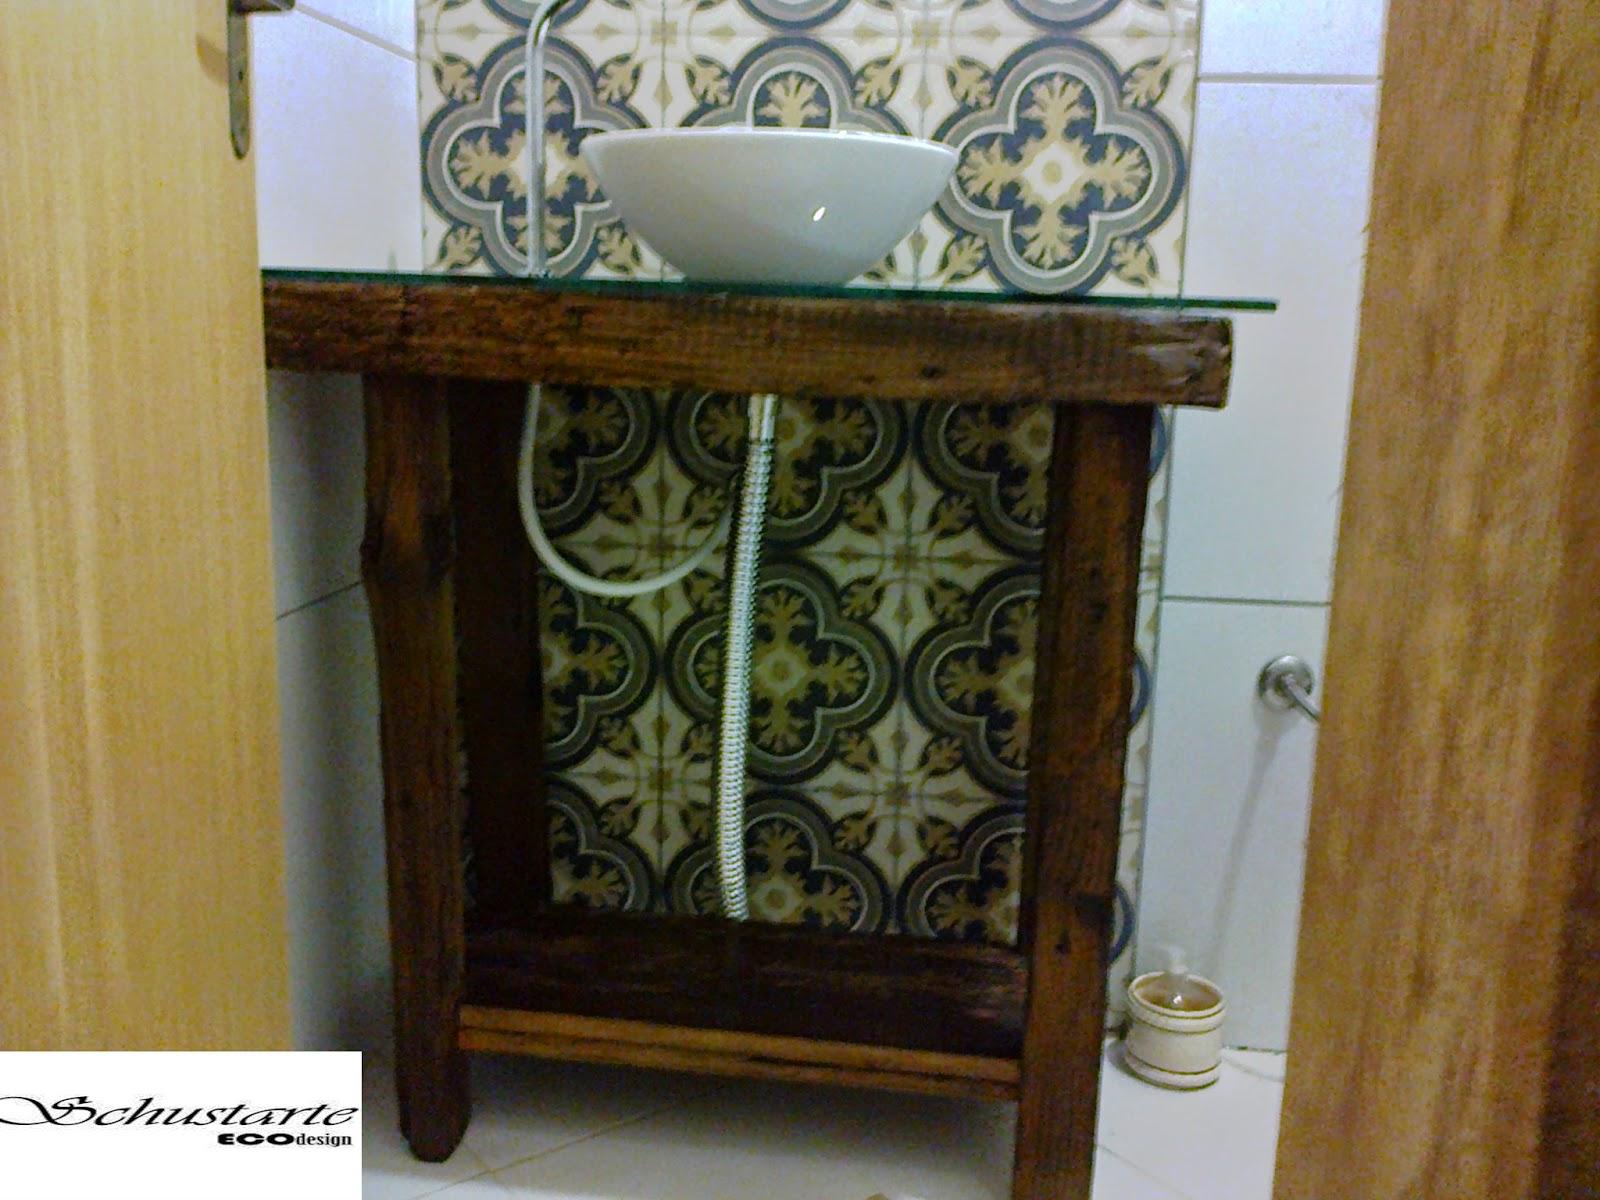 schustarte eco design: Bancada de banheiro em madeira de demolição  #6B481D 1600 1200